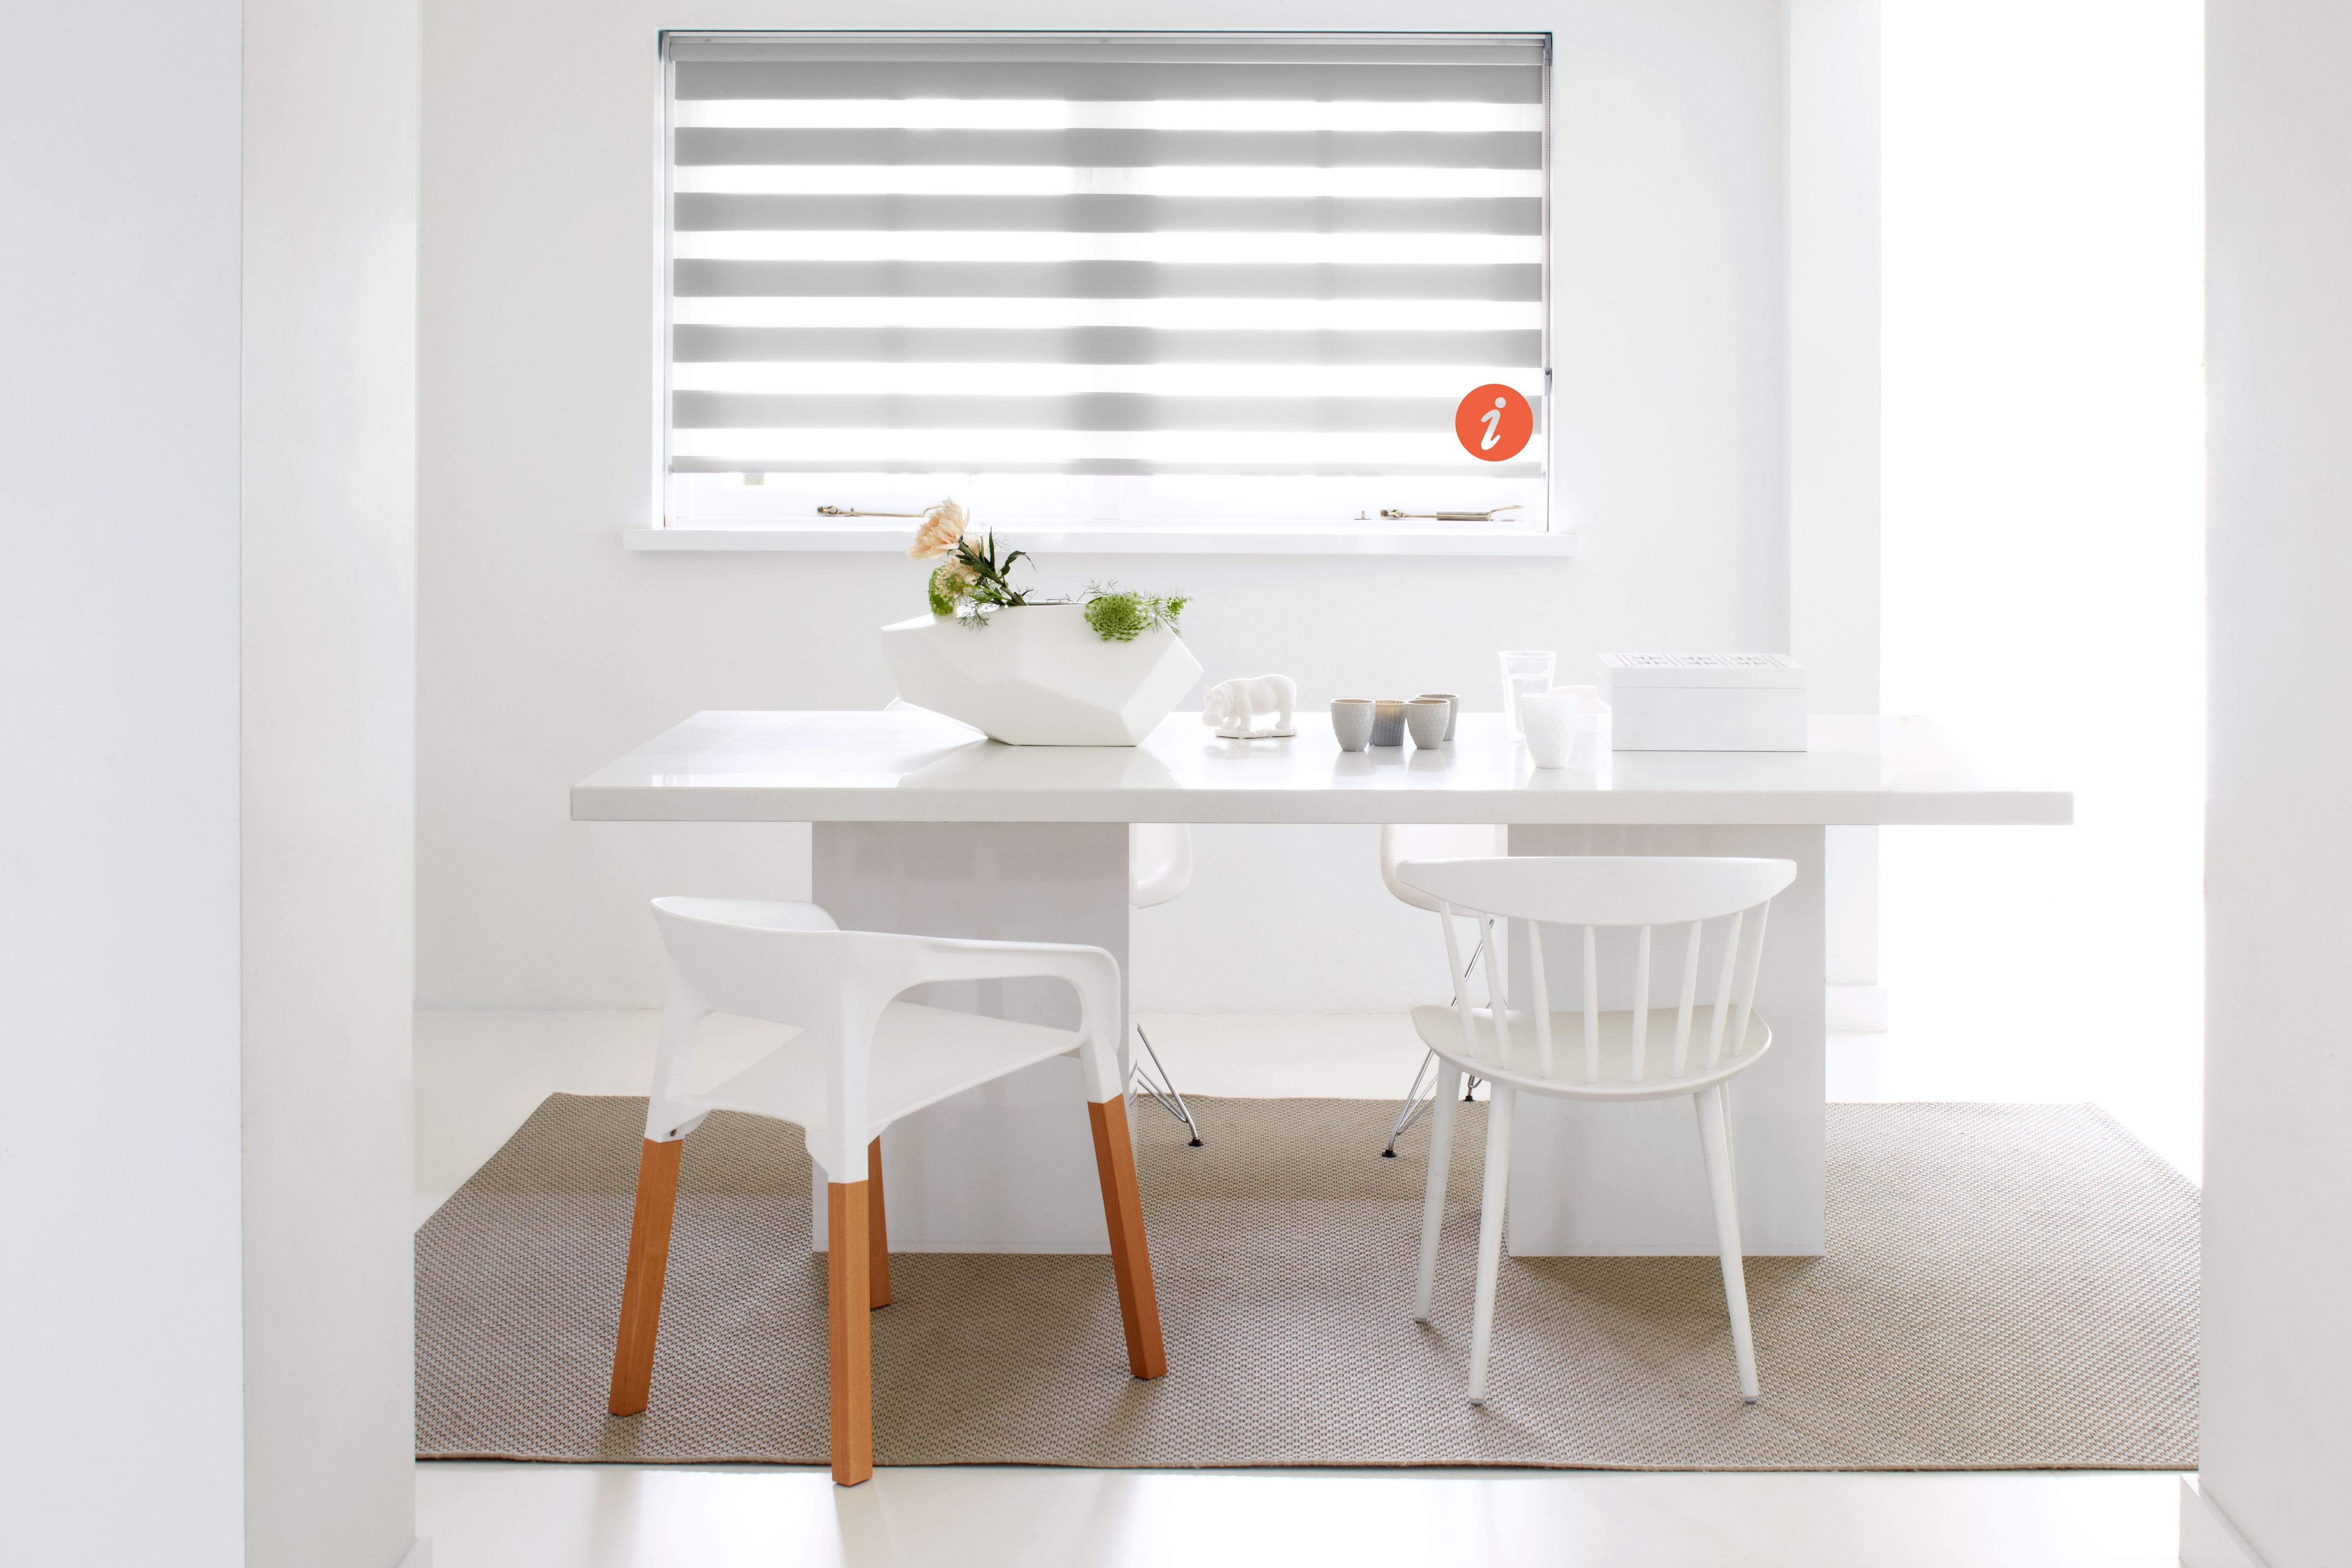 stores enrouleurs jour nuit simple store enrouleur cuisine cuisine blanche avec store occultant. Black Bedroom Furniture Sets. Home Design Ideas